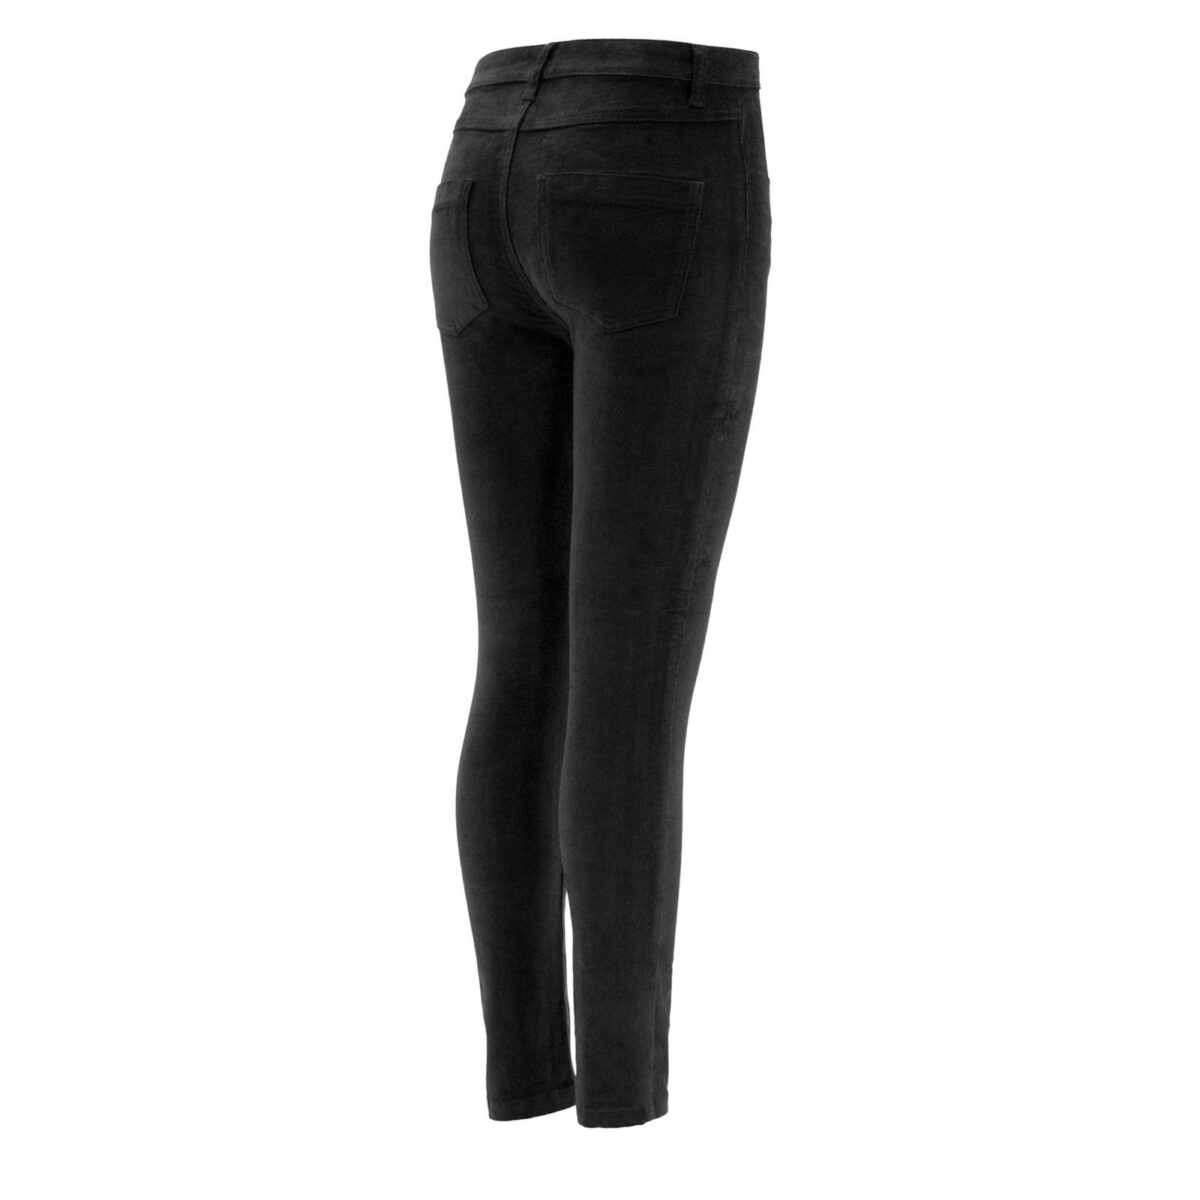 Pantalone Skinny in velluto a costine NERO - vista laterale | Nicla